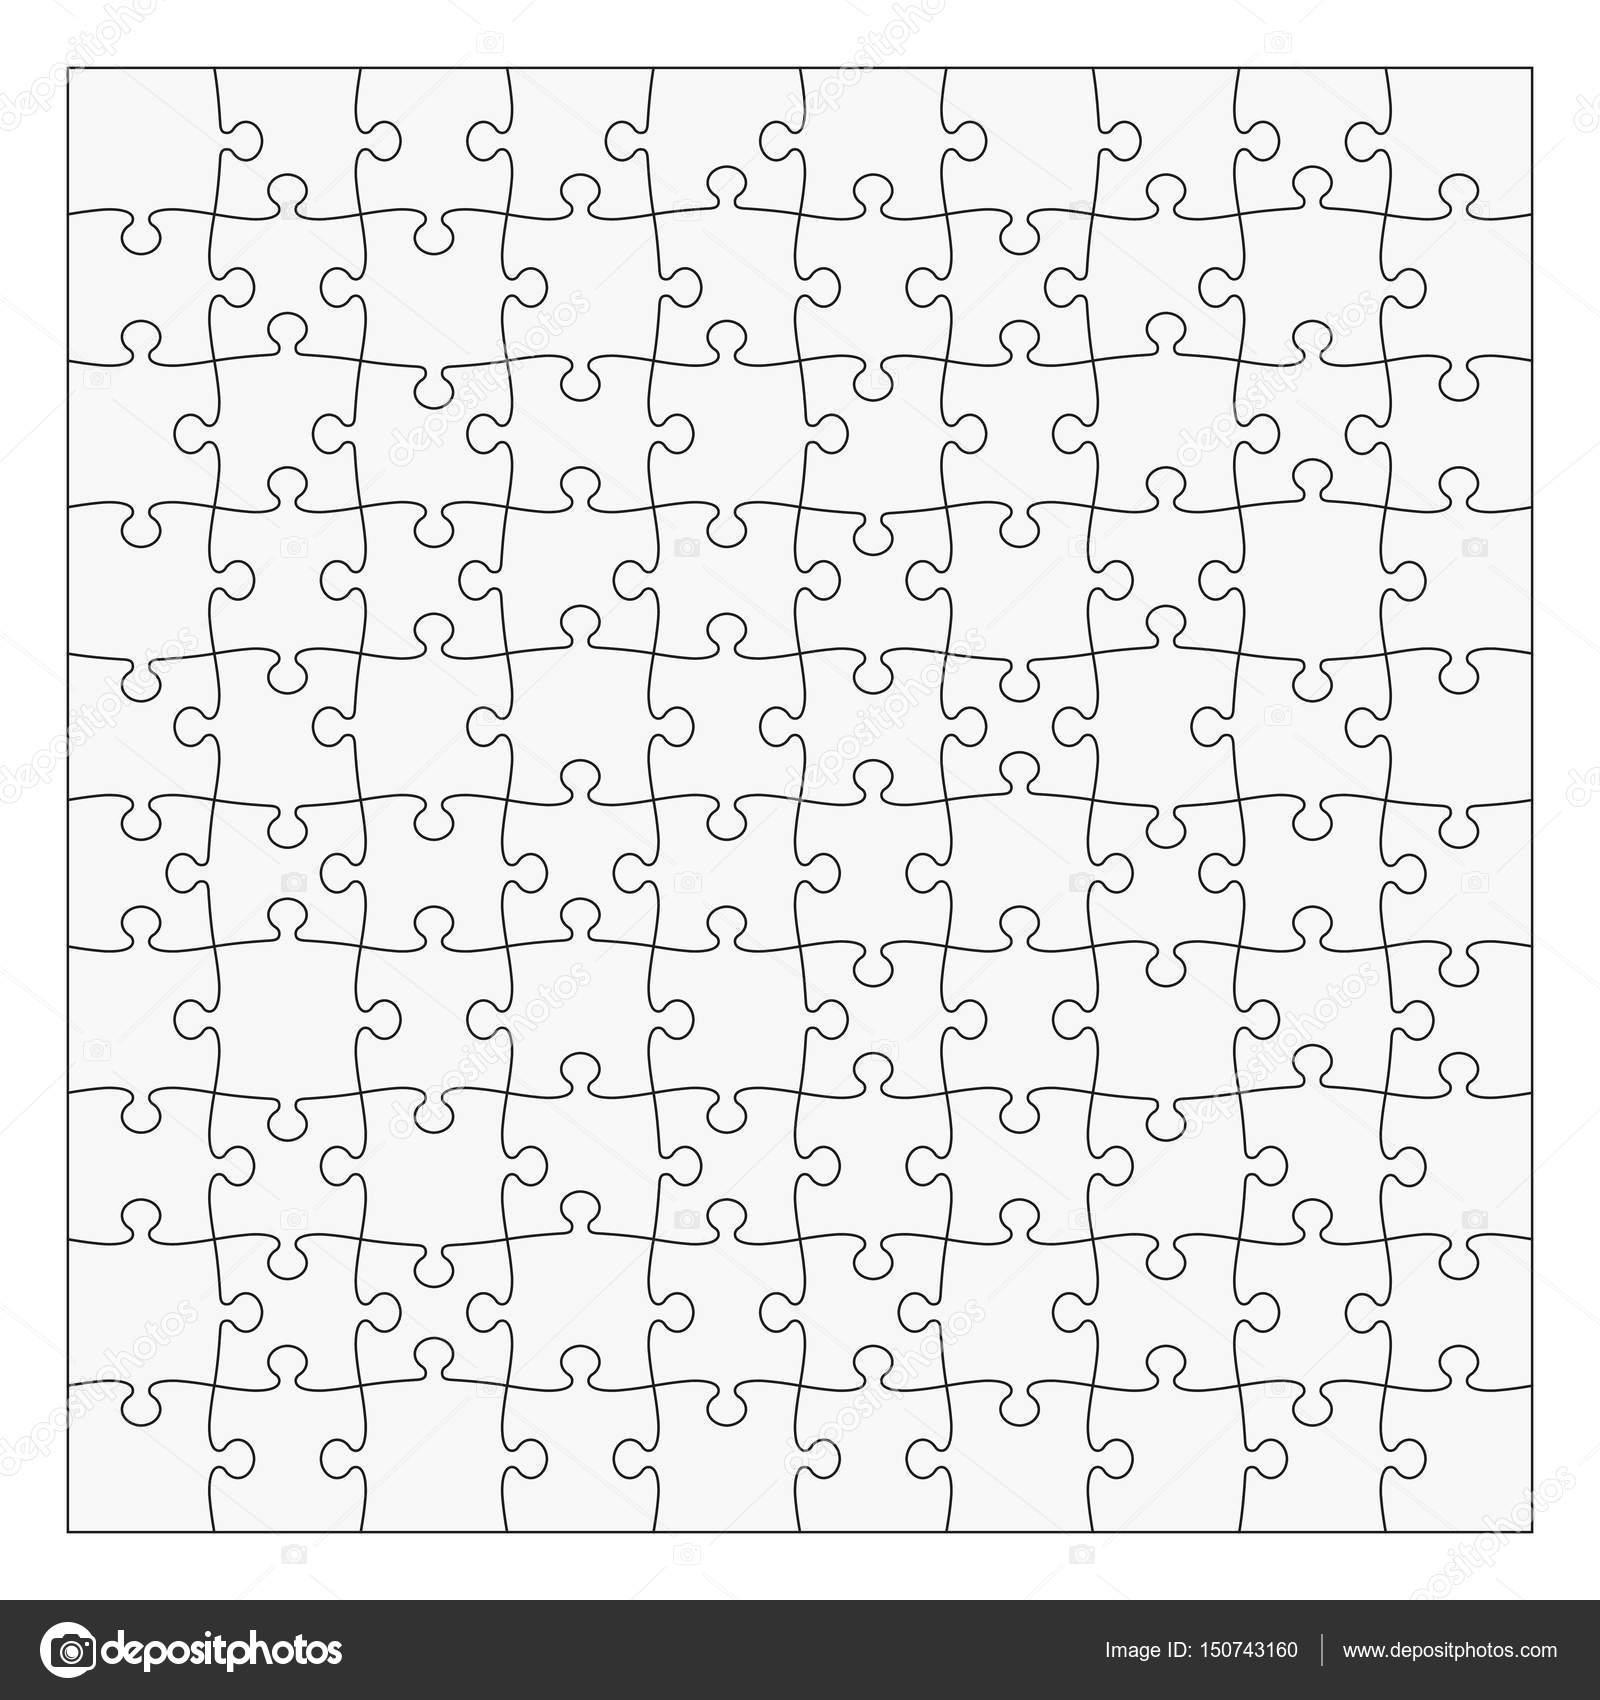 テンプレート 10 x 10 個をパズルします 簡単に別の部分を削除